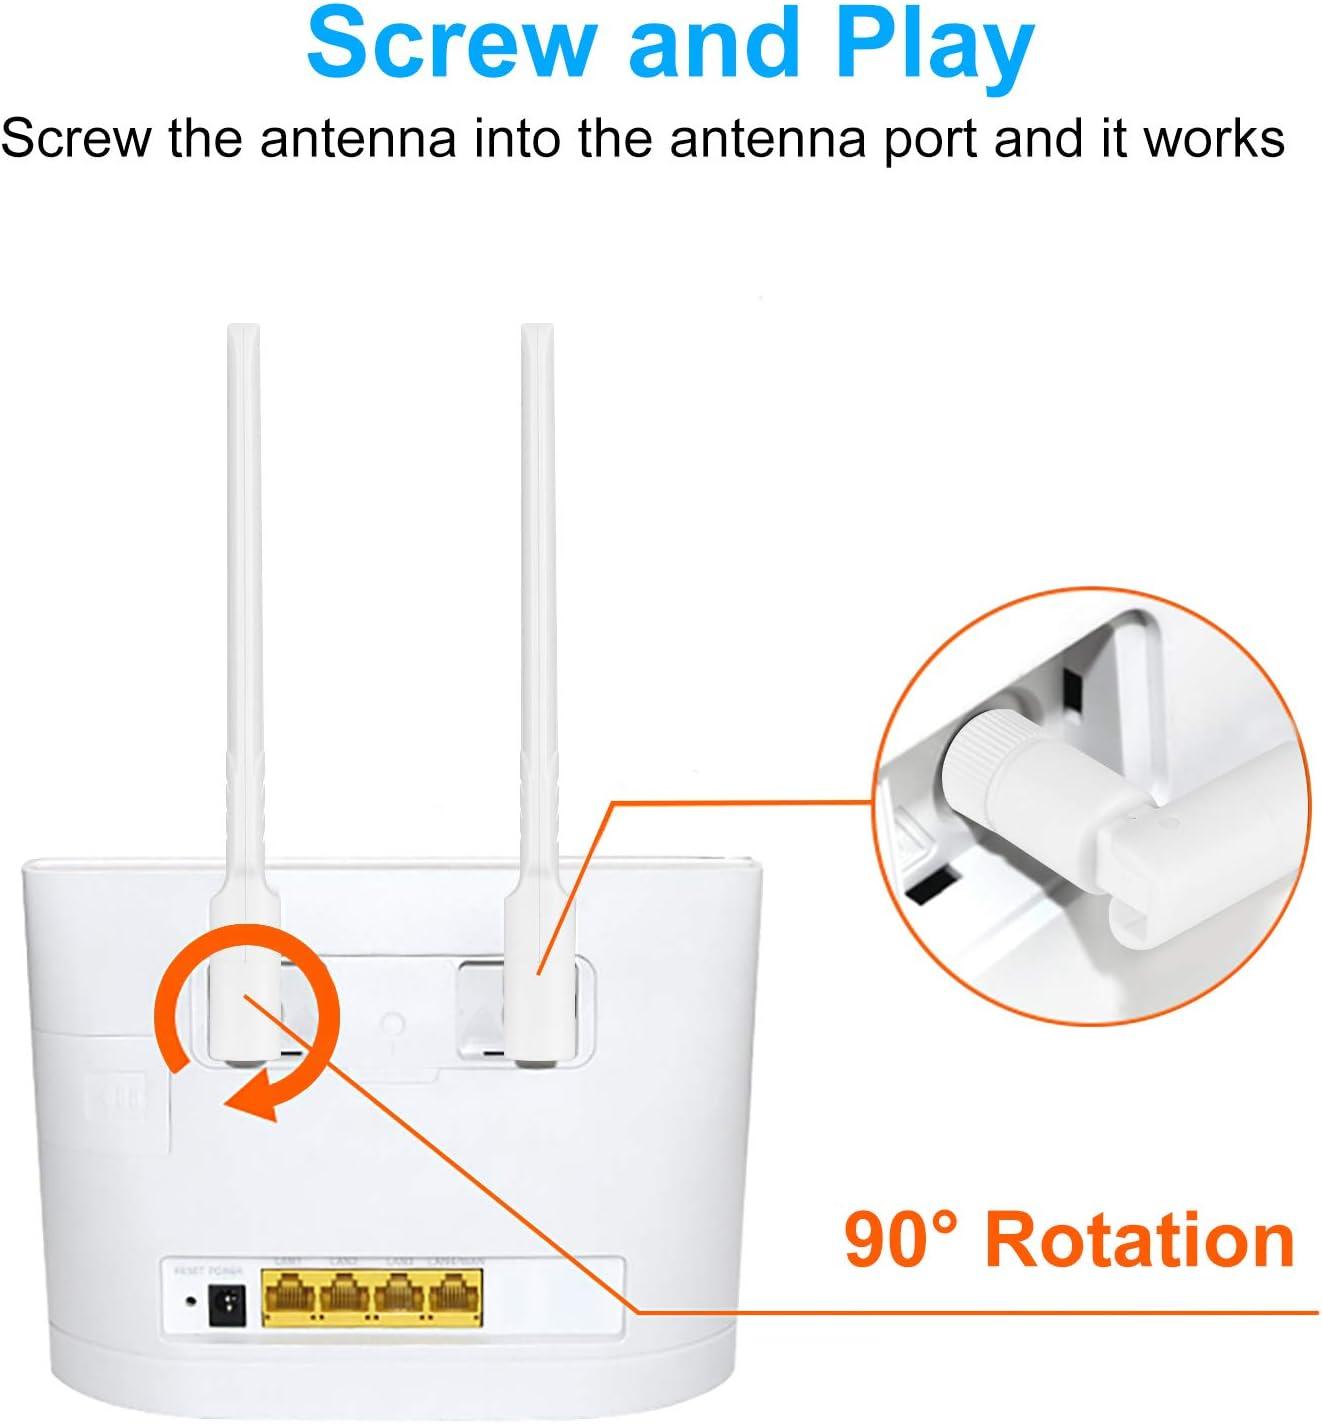 Antena SMA 4G LTE 10dBi RP-SMA Wifi antena 2.4GHz/5.8GHz/3G/4G/GSM omnidireccional amplificador de señal para punto de acceso 4G router tarjeta PCI ...